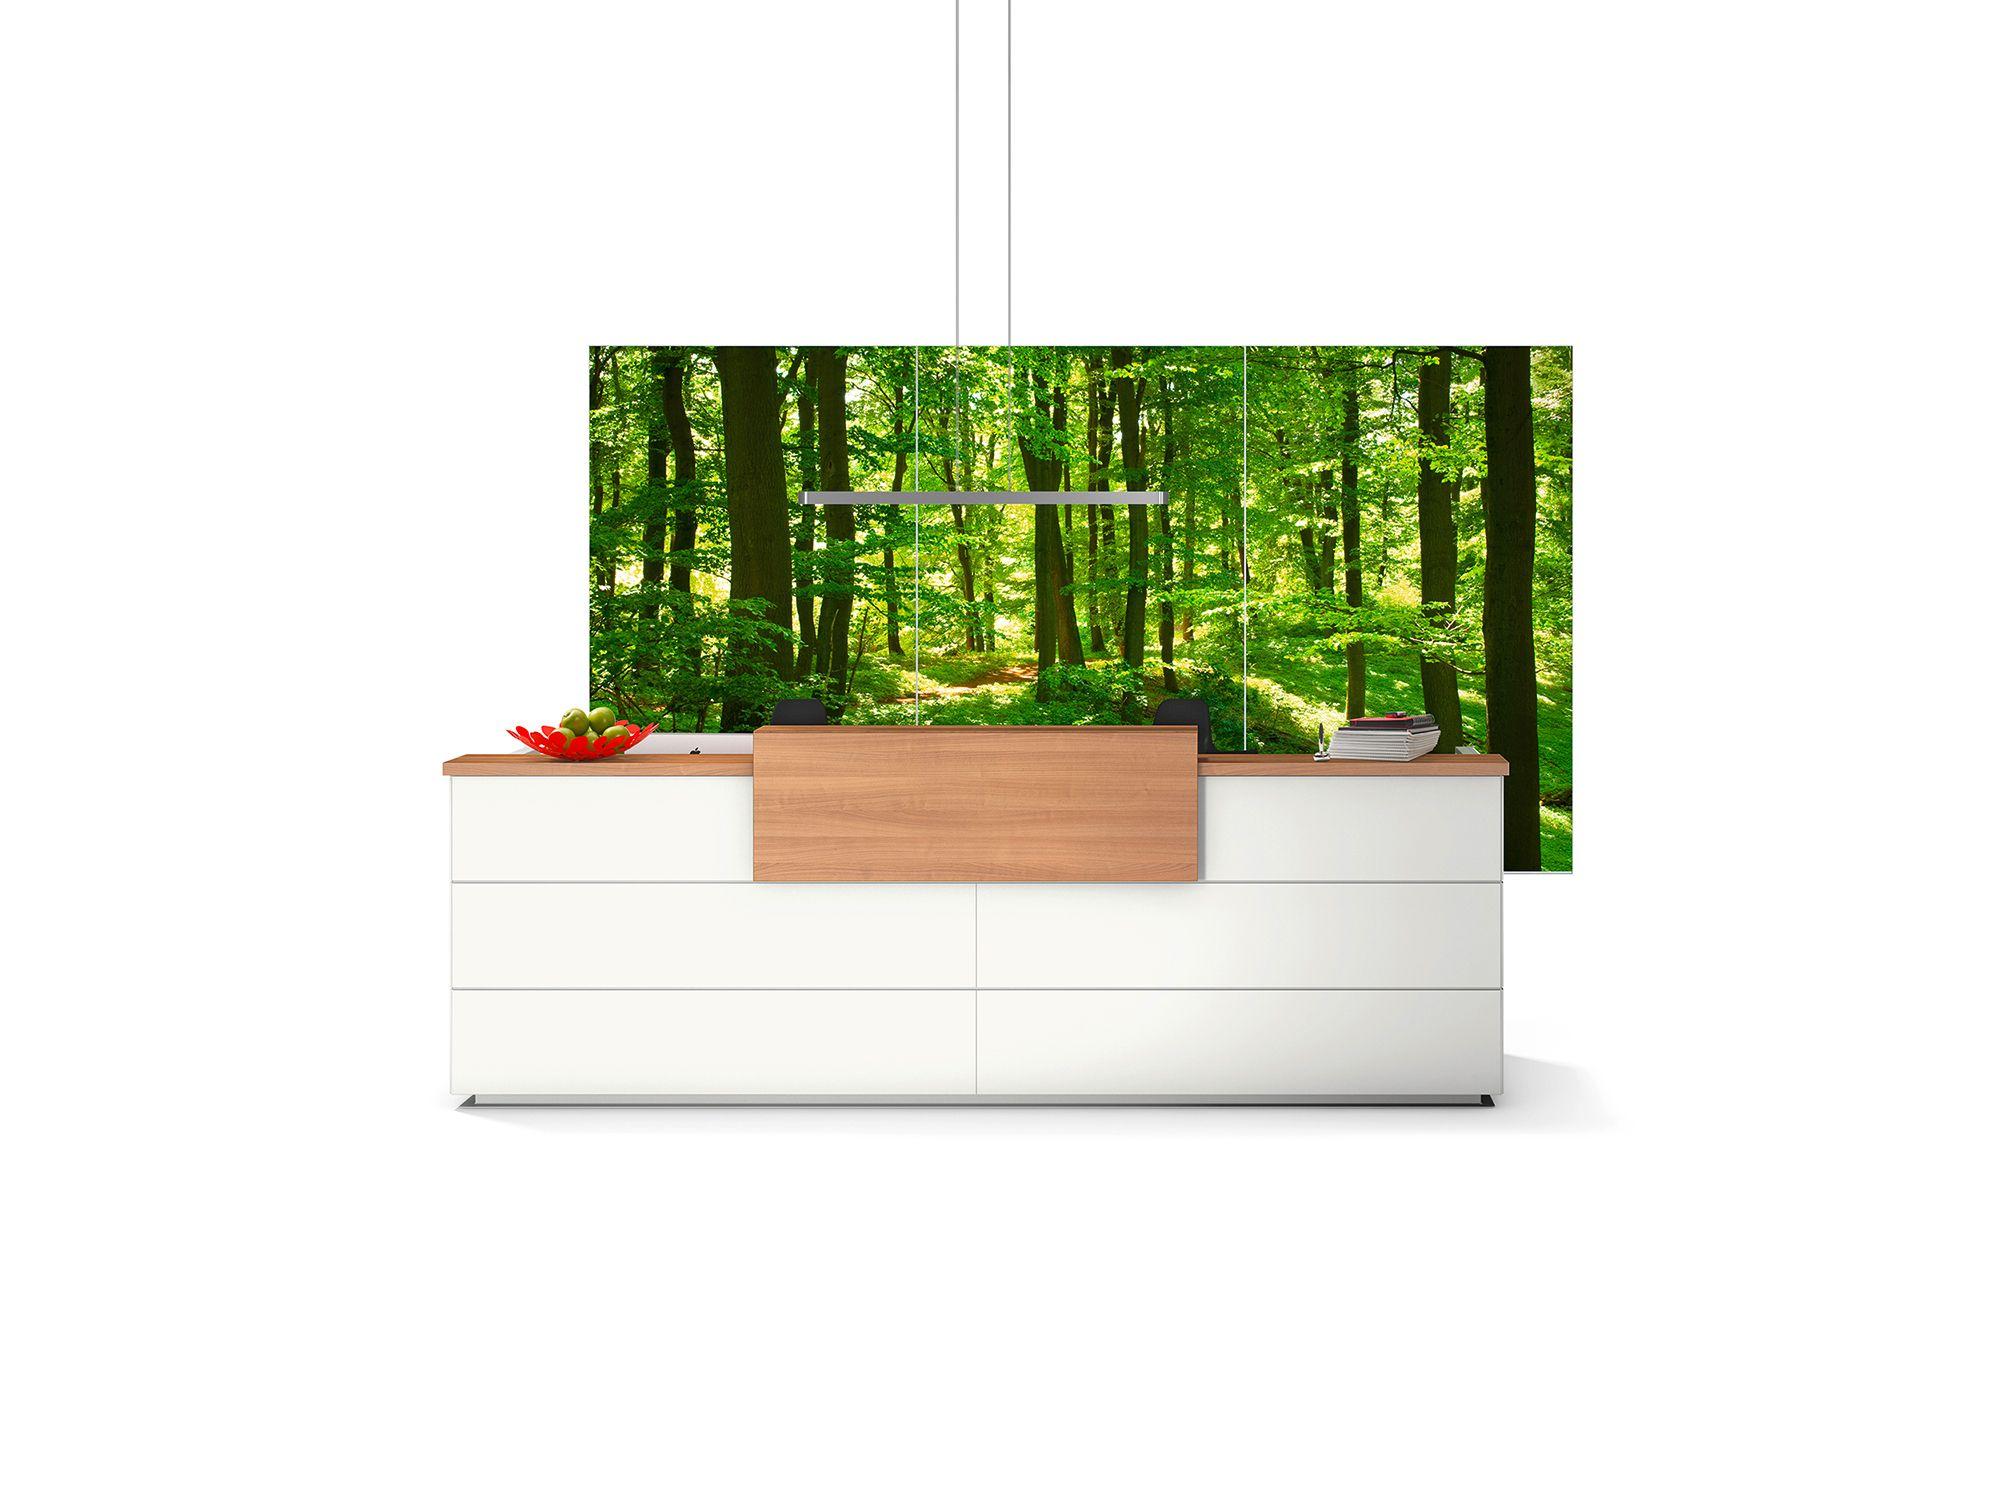 Nett Wini Büromöbel Galerie - Die Designideen für Badezimmer ...